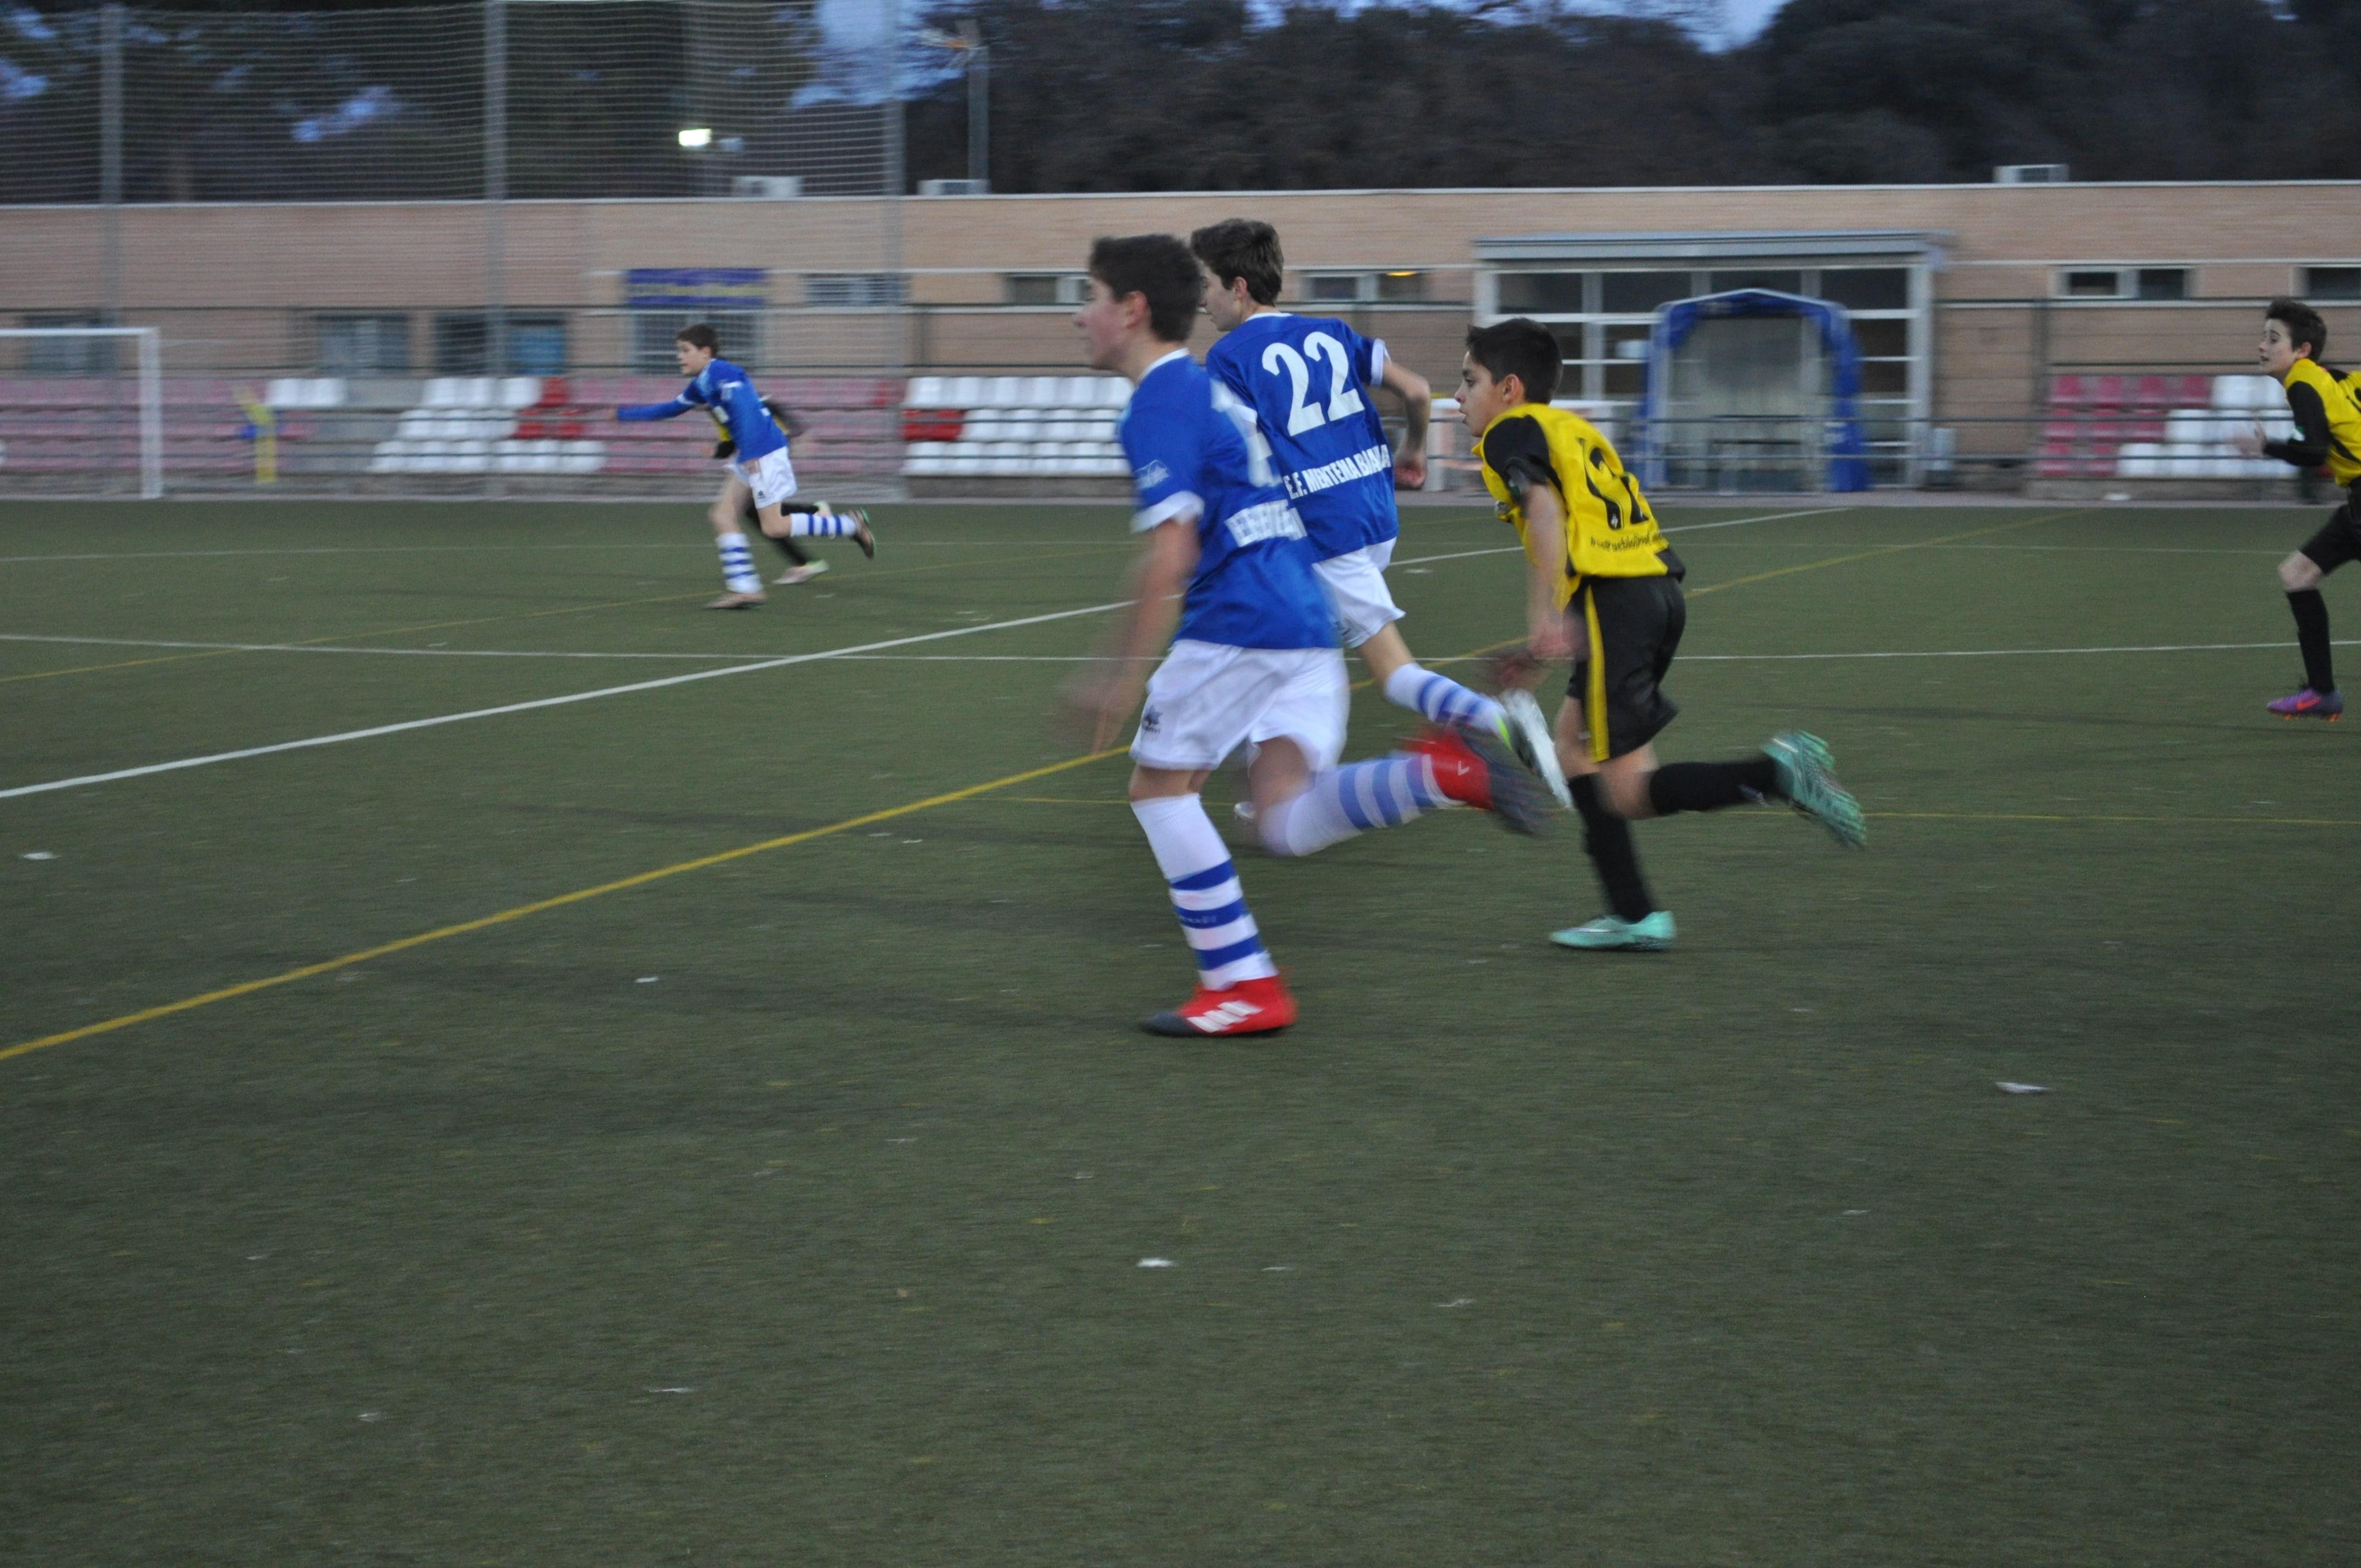 escuela futbol boadilla  (2)